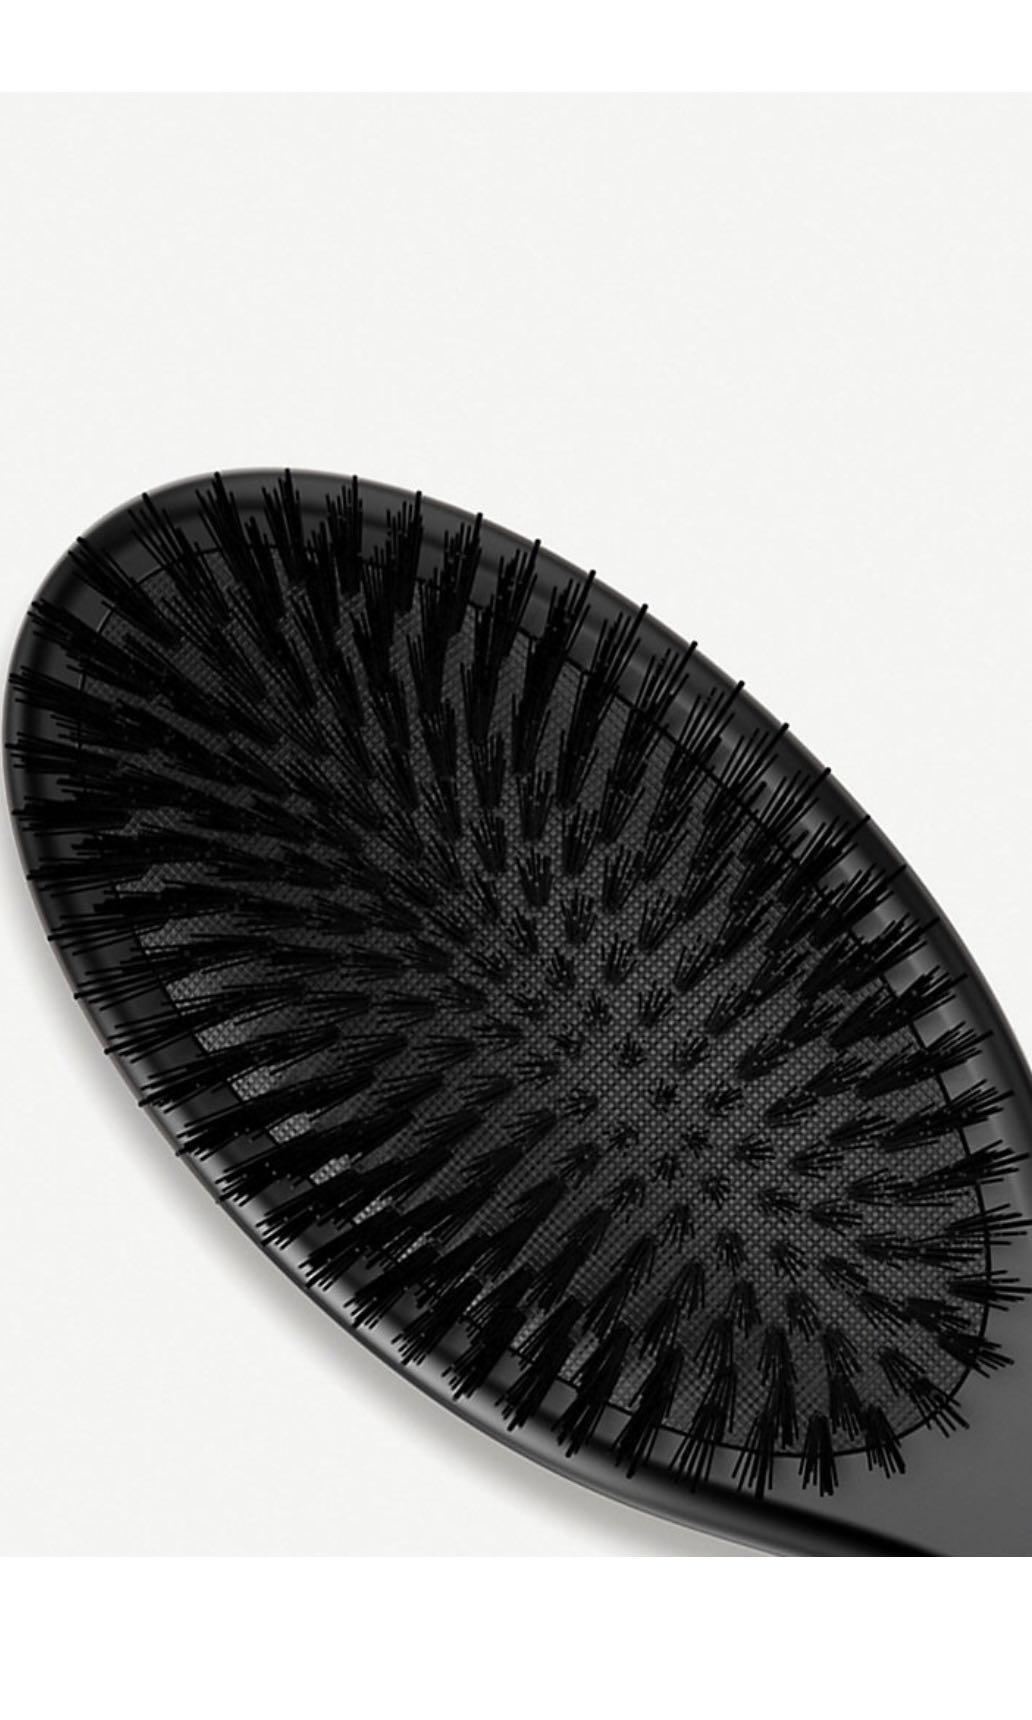 GHD Curve® Creative Curl Wand Gift Set 英國代購